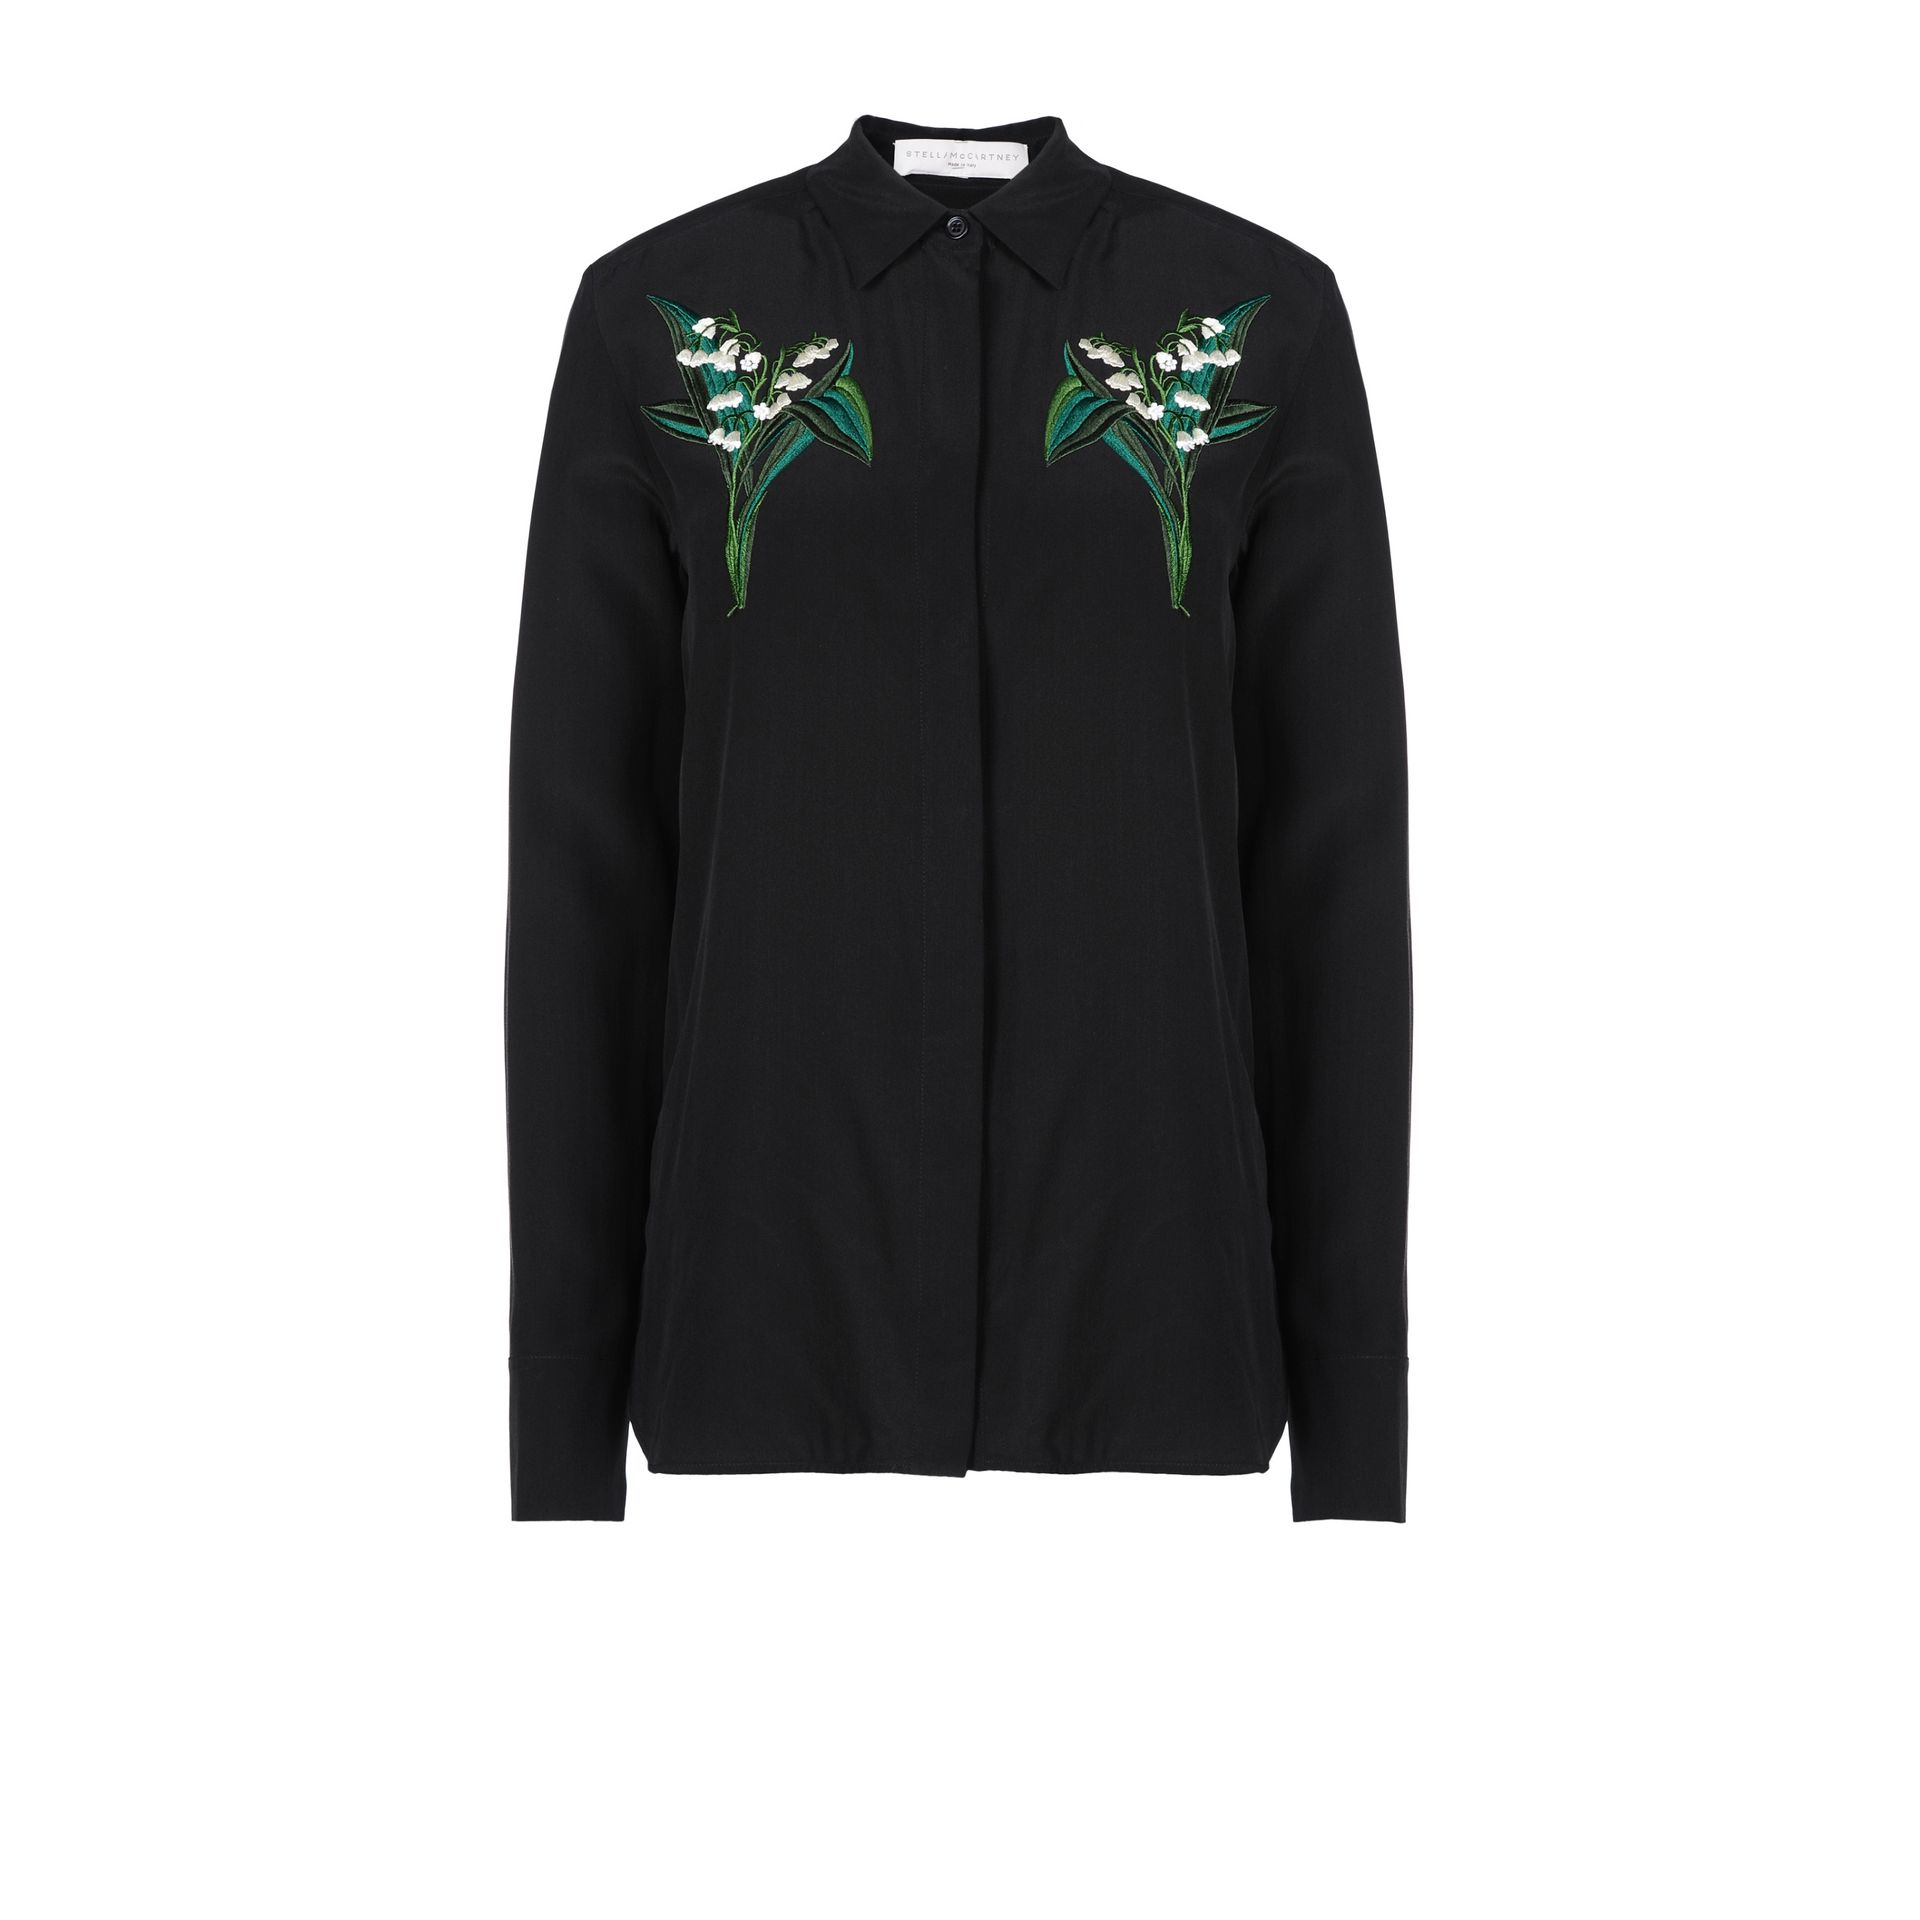 c63920cf6ddad Lyst - Stella McCartney Black Arlo Shirt in Black